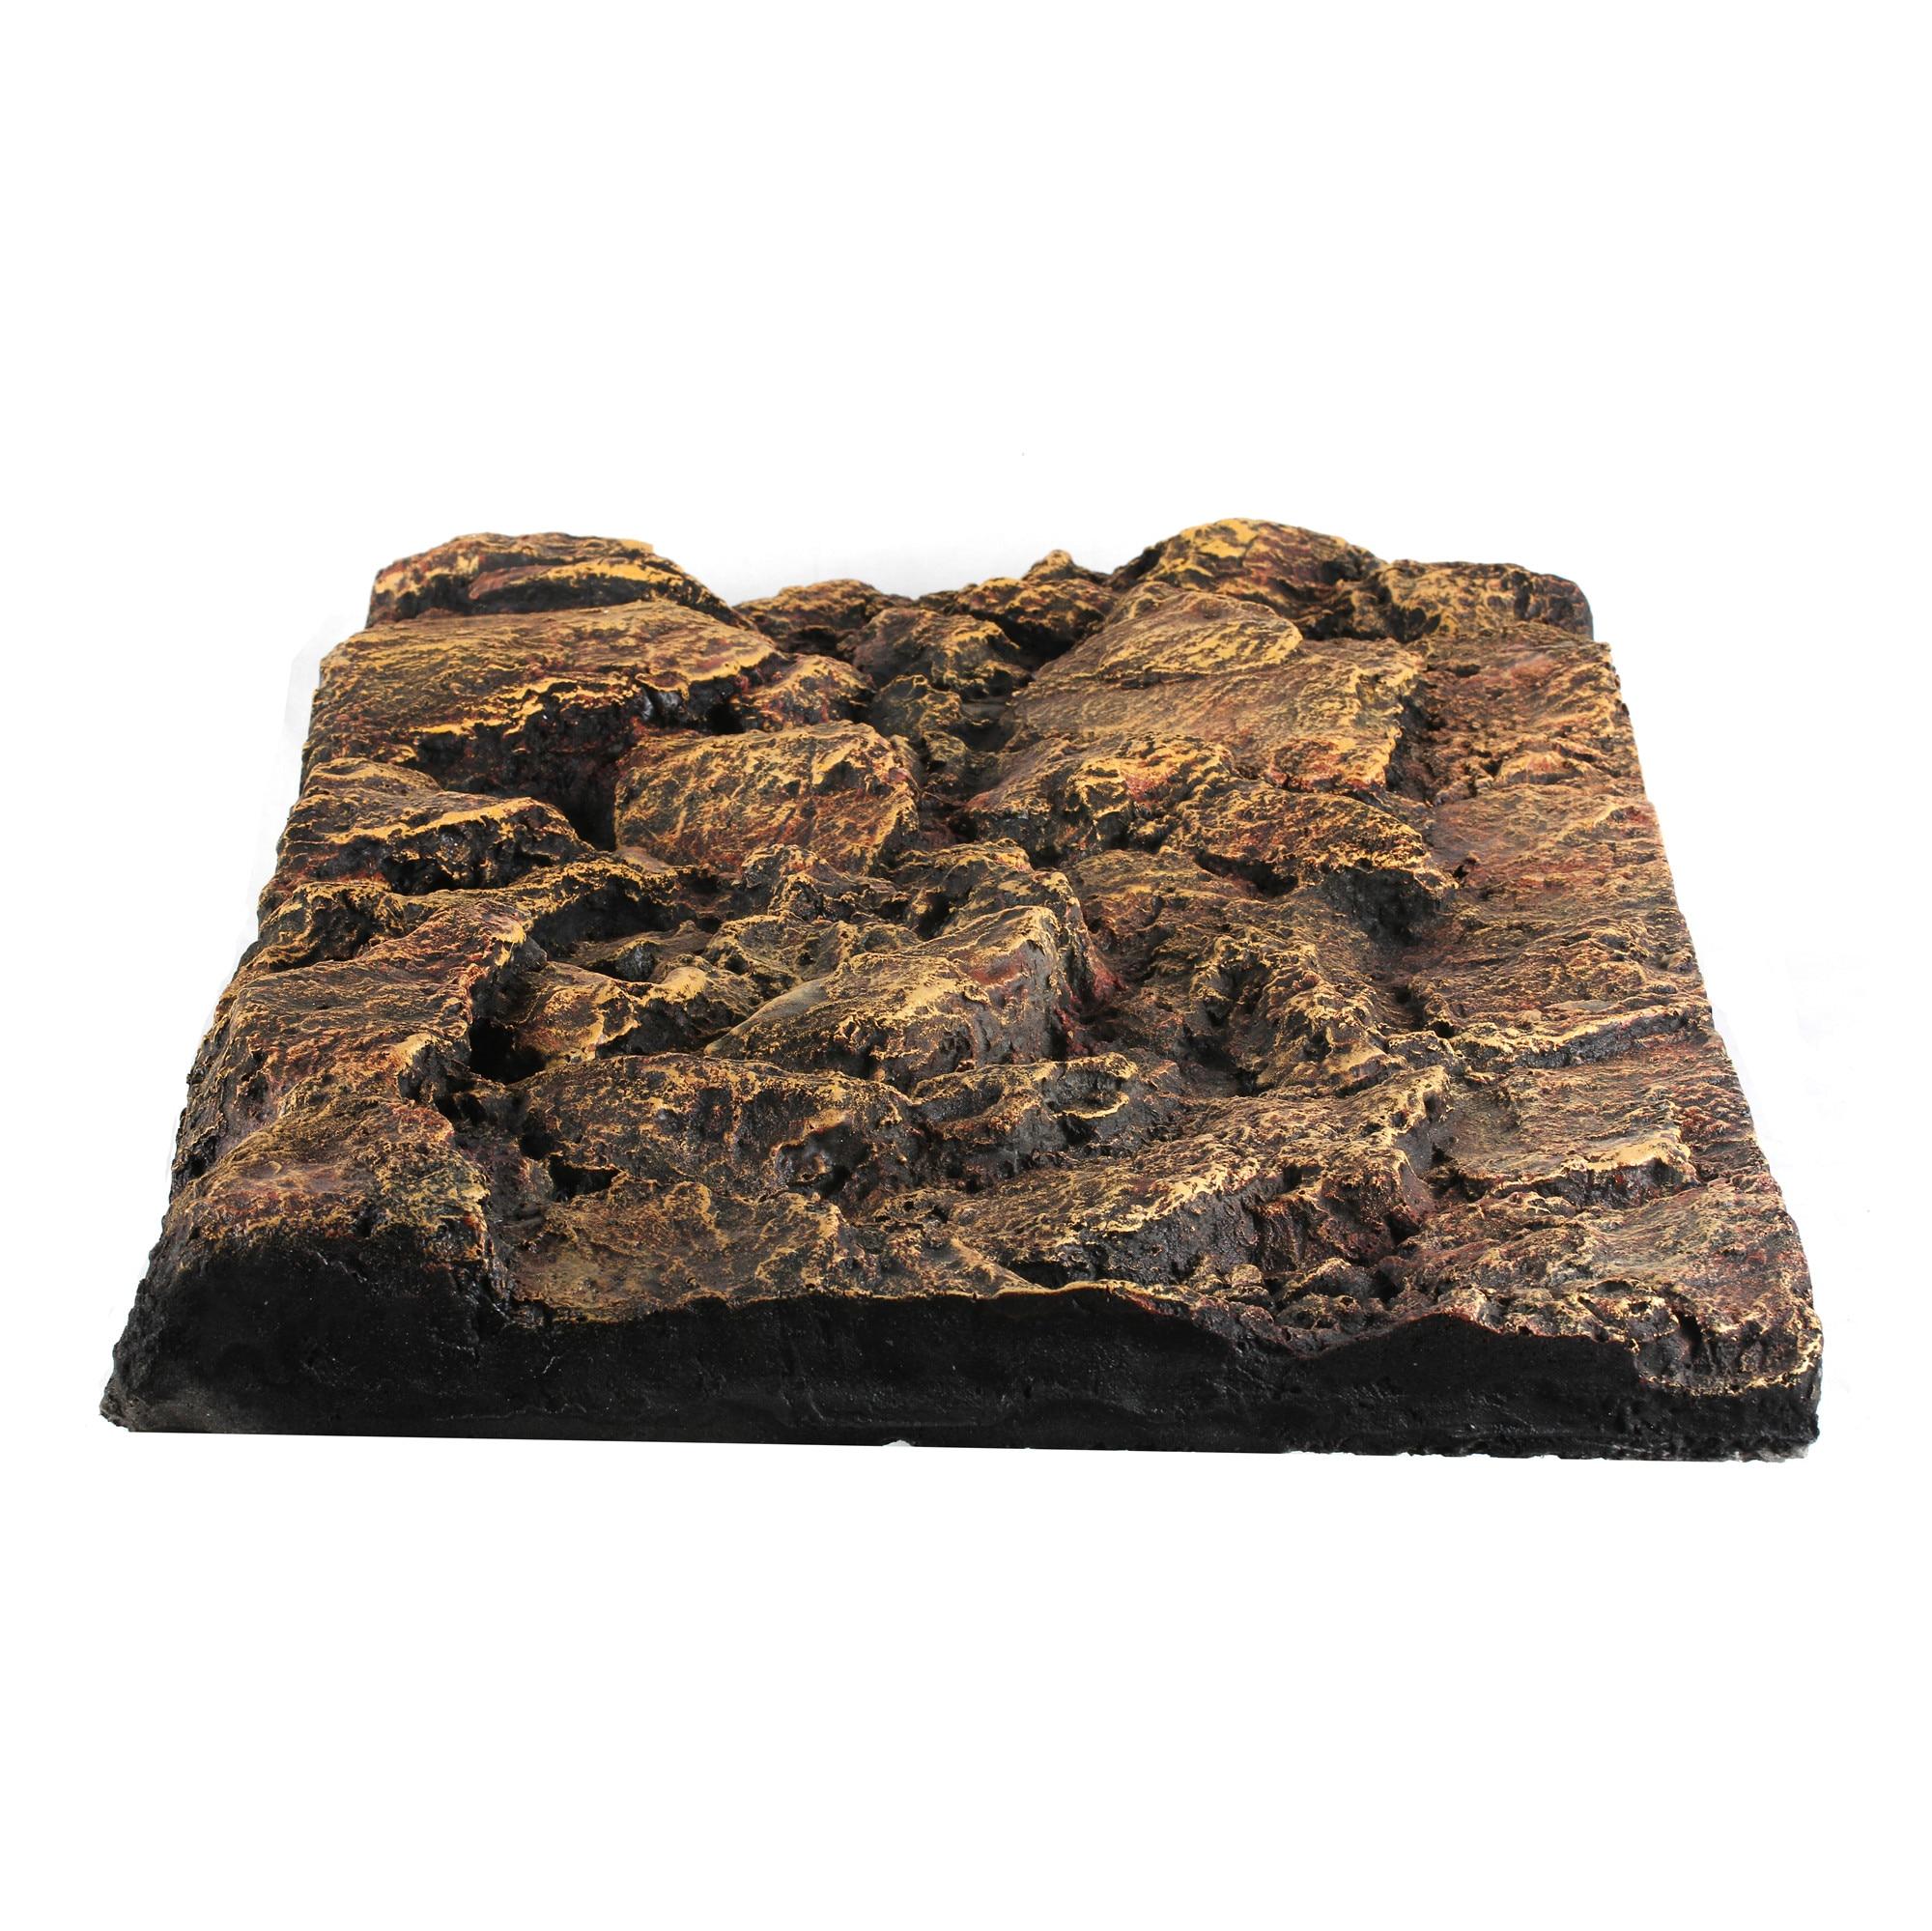 Terrarium Aquarium Reptile boîte décoration énorme roche 3D fond motif pet Gecko lézard poisson tortue tarentule grenouille Vivarium